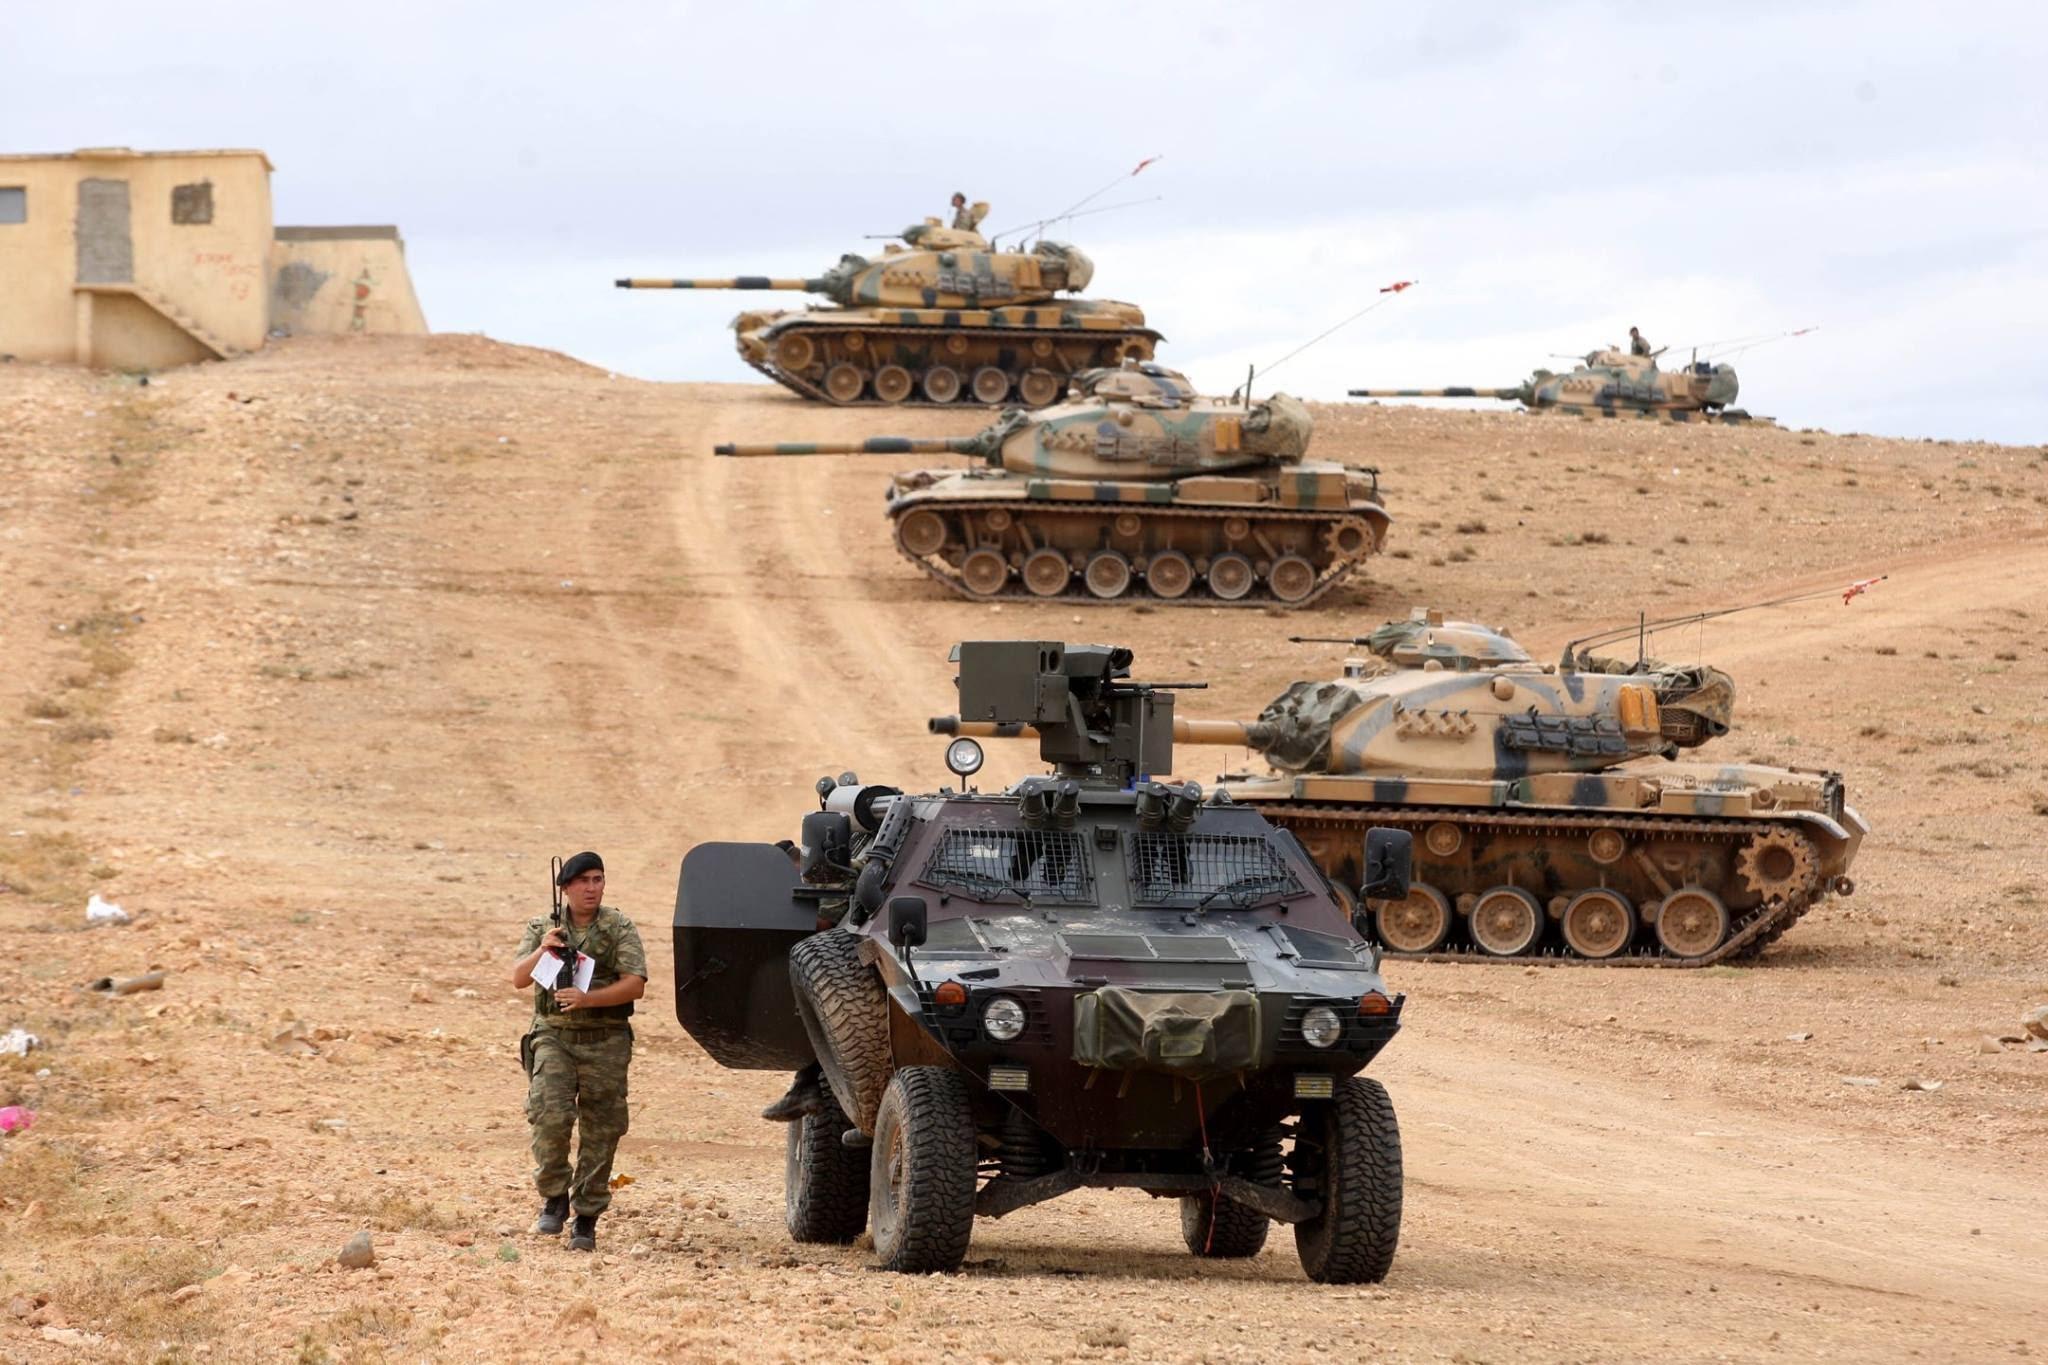 بدر تطالب بإجراءات حازمة لإيقاف التجاوزات التركية على سيادة العراق